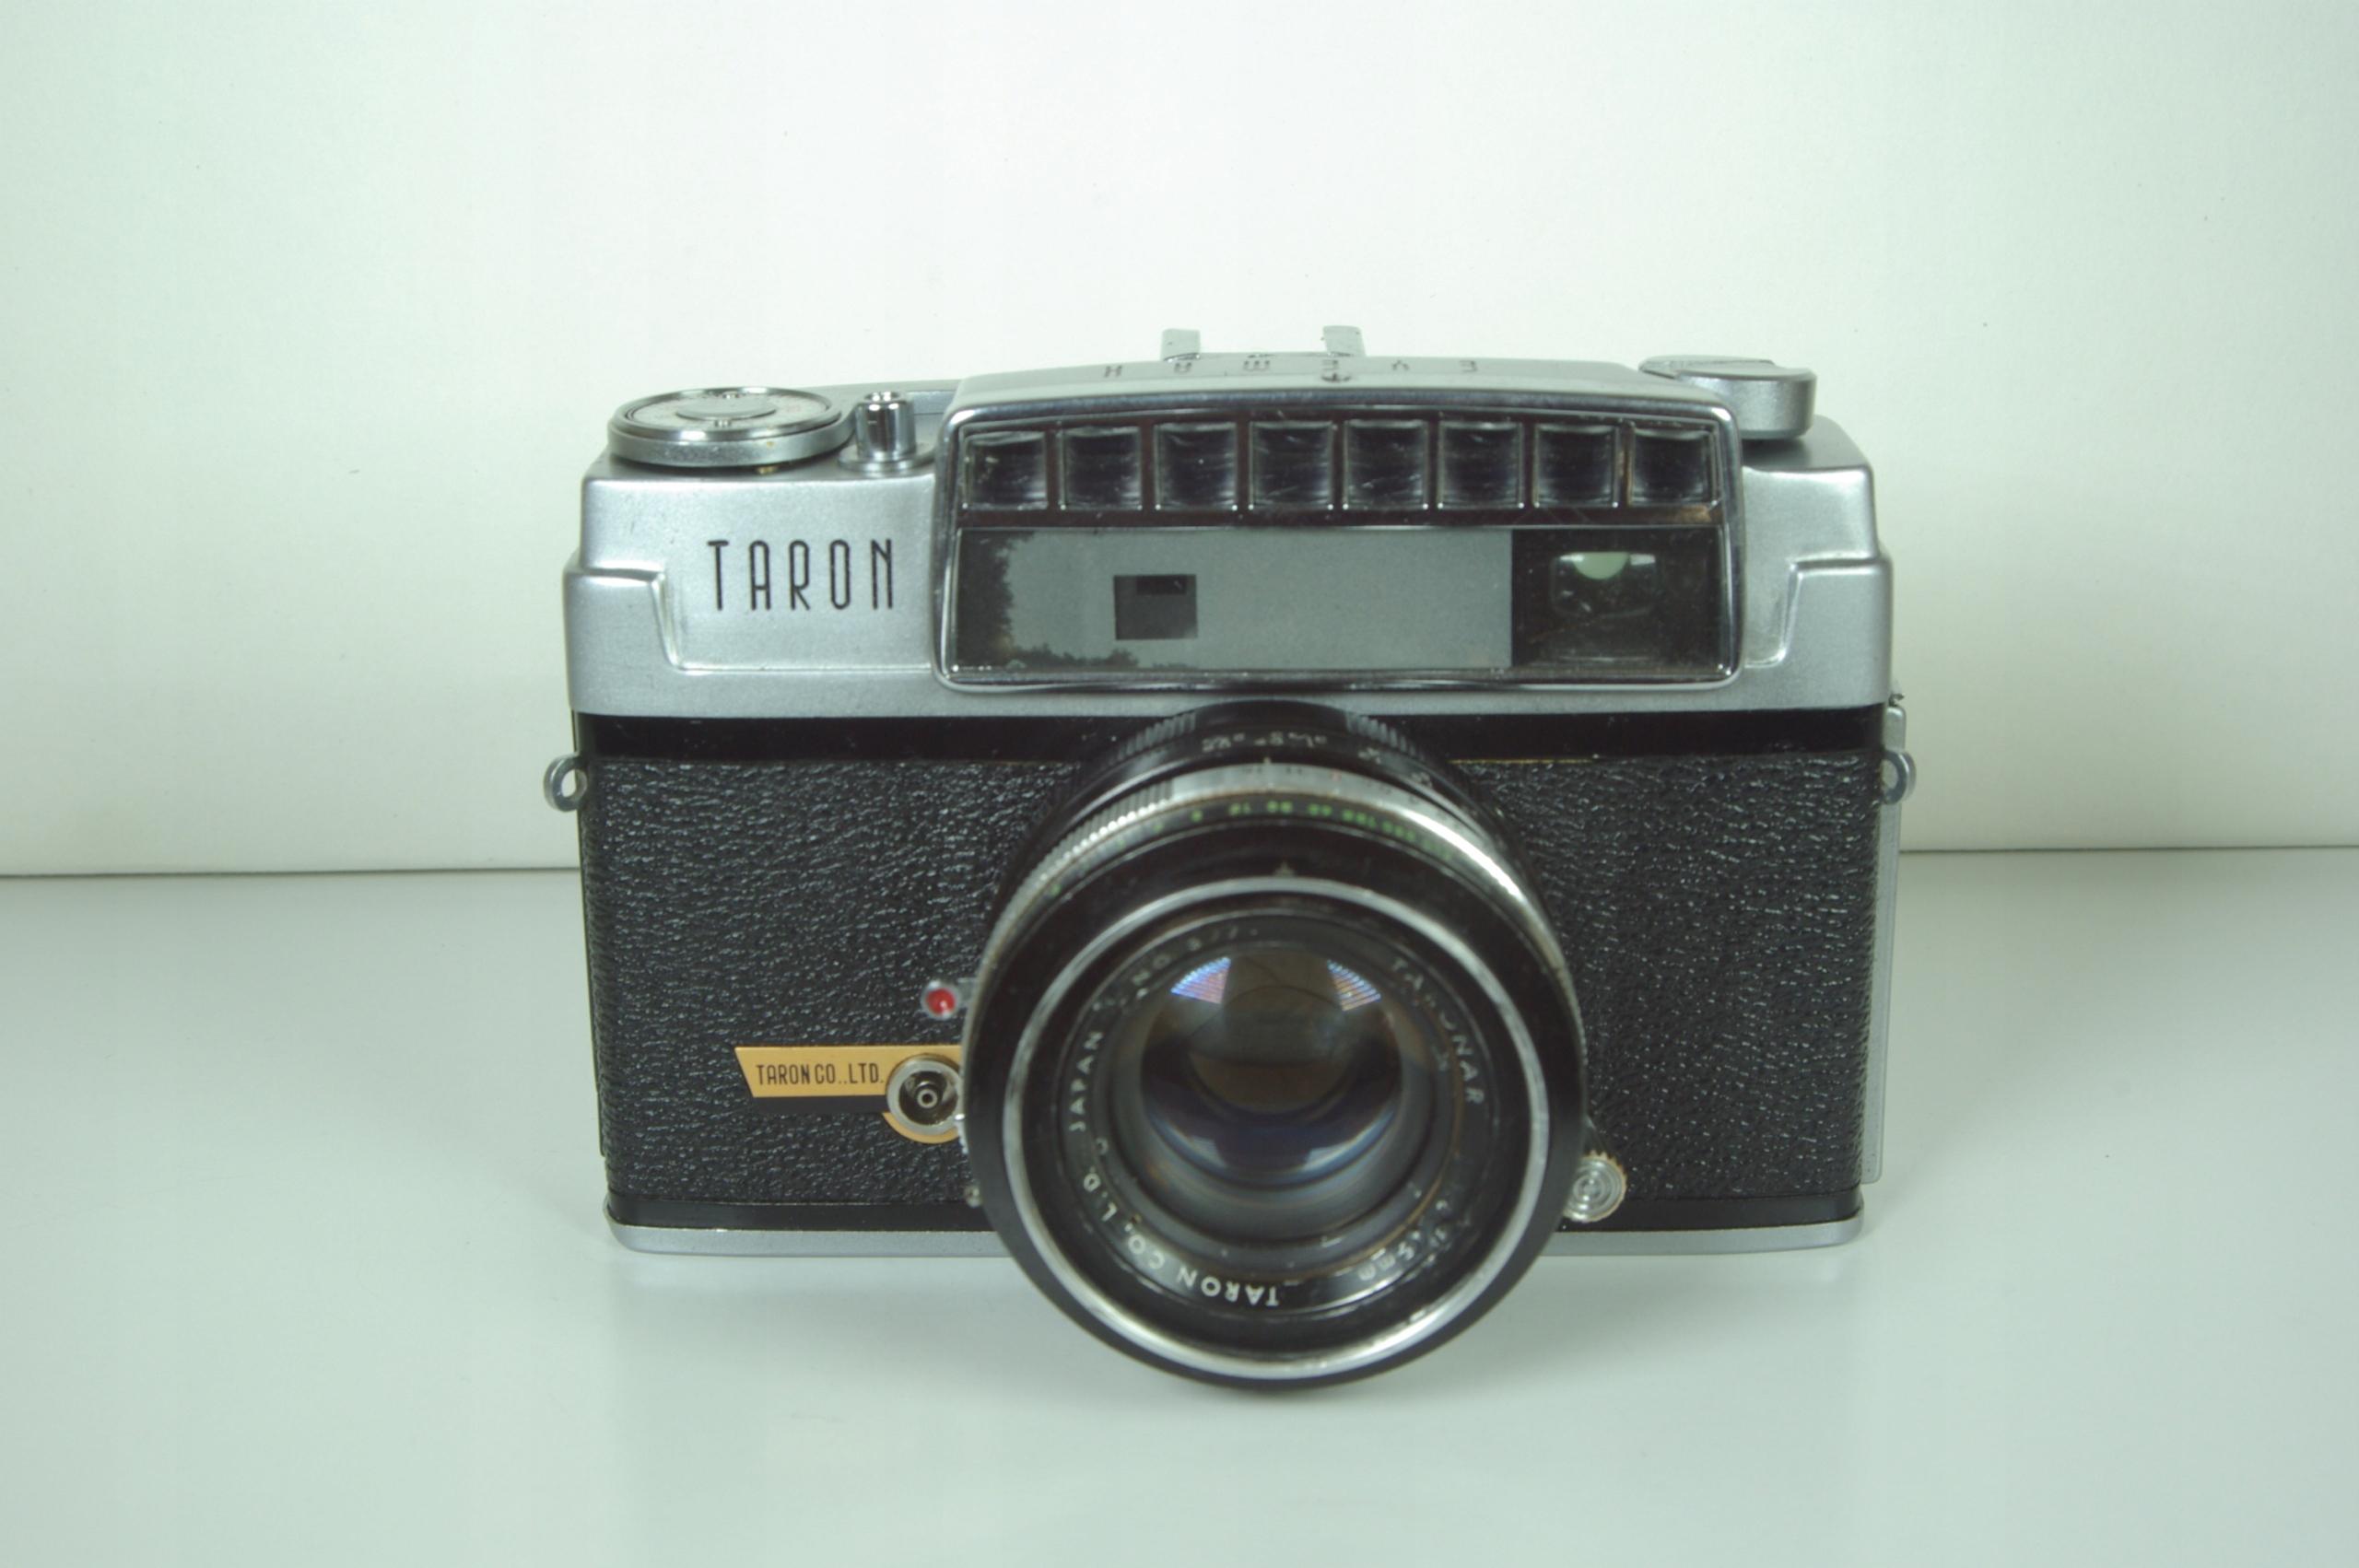 Taron EyeMax-Unikátny na aukciách - príležitosť!